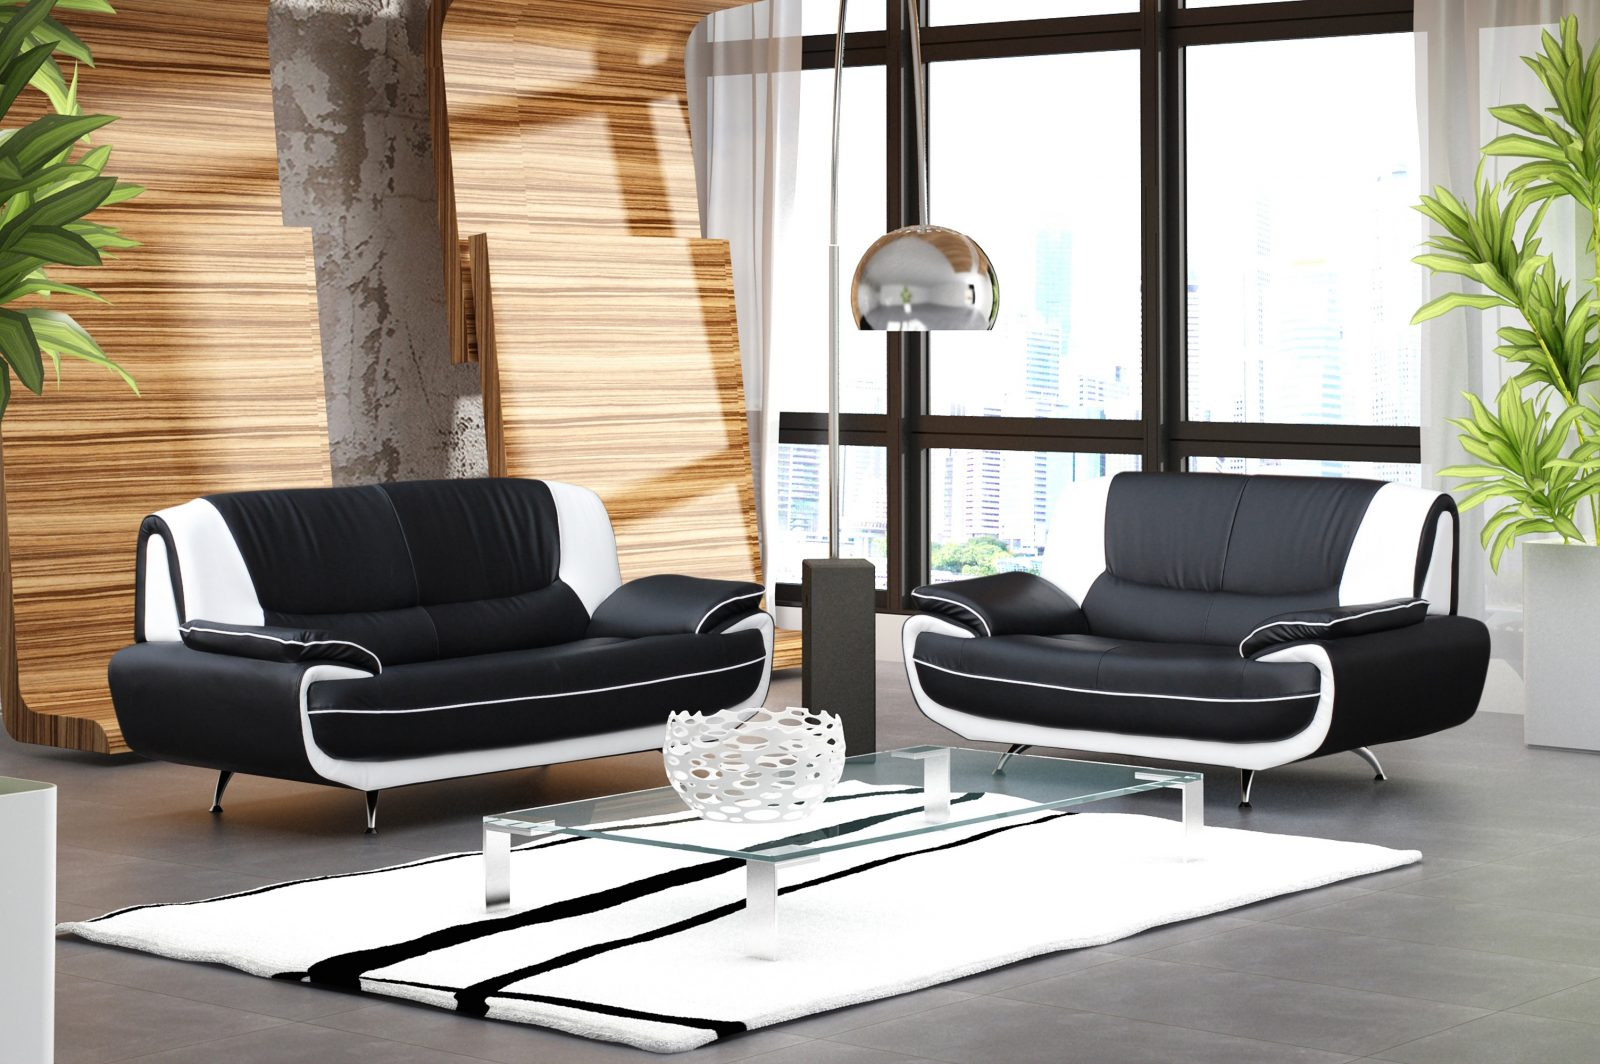 Sof s de 3 2 plazas for Sofas modernos